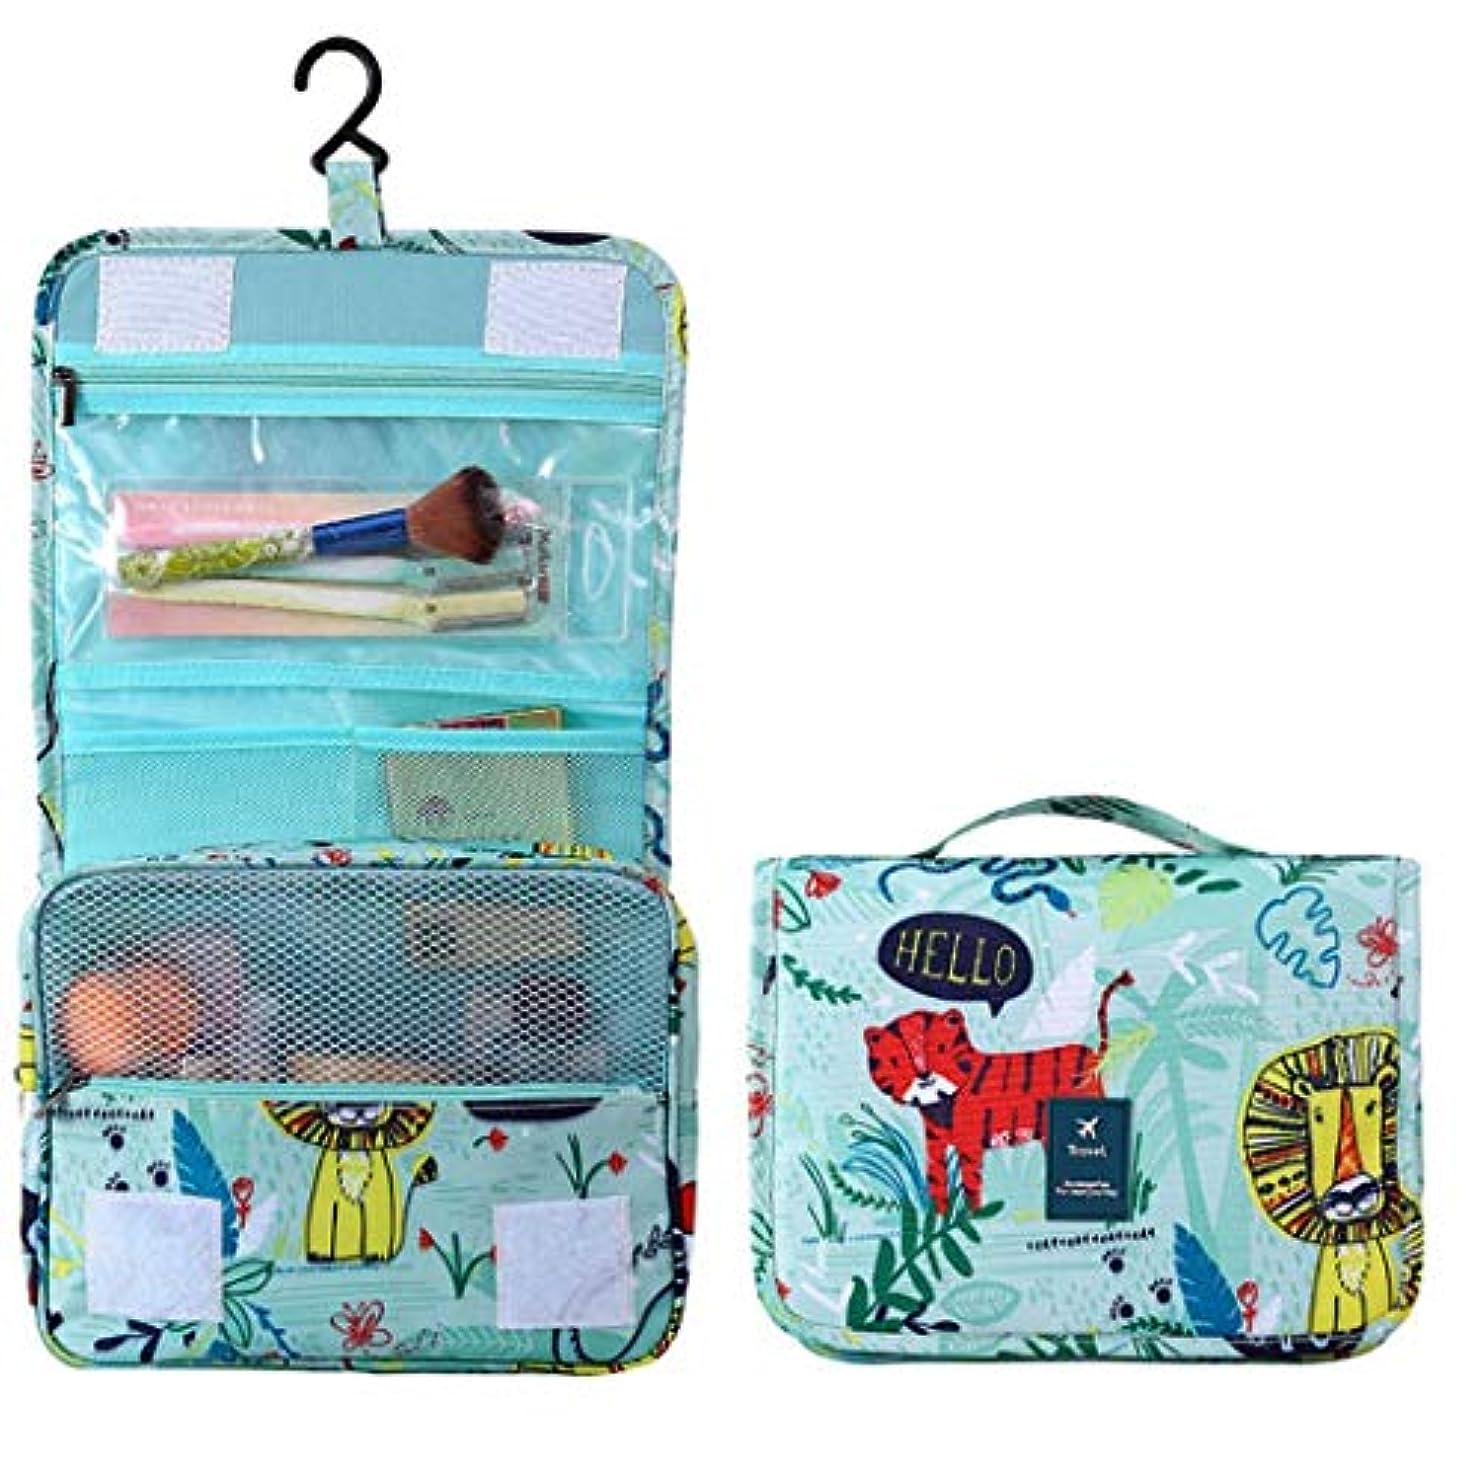 プラス最終ストラップ化粧品袋、ウォッシュバッグ、トラベルバッグ、洗顔、収納、浴室収納バッグ、ぶら下げ、小物、収納、パッキングバッグ、旅行、海外、旅行用品、育児用品